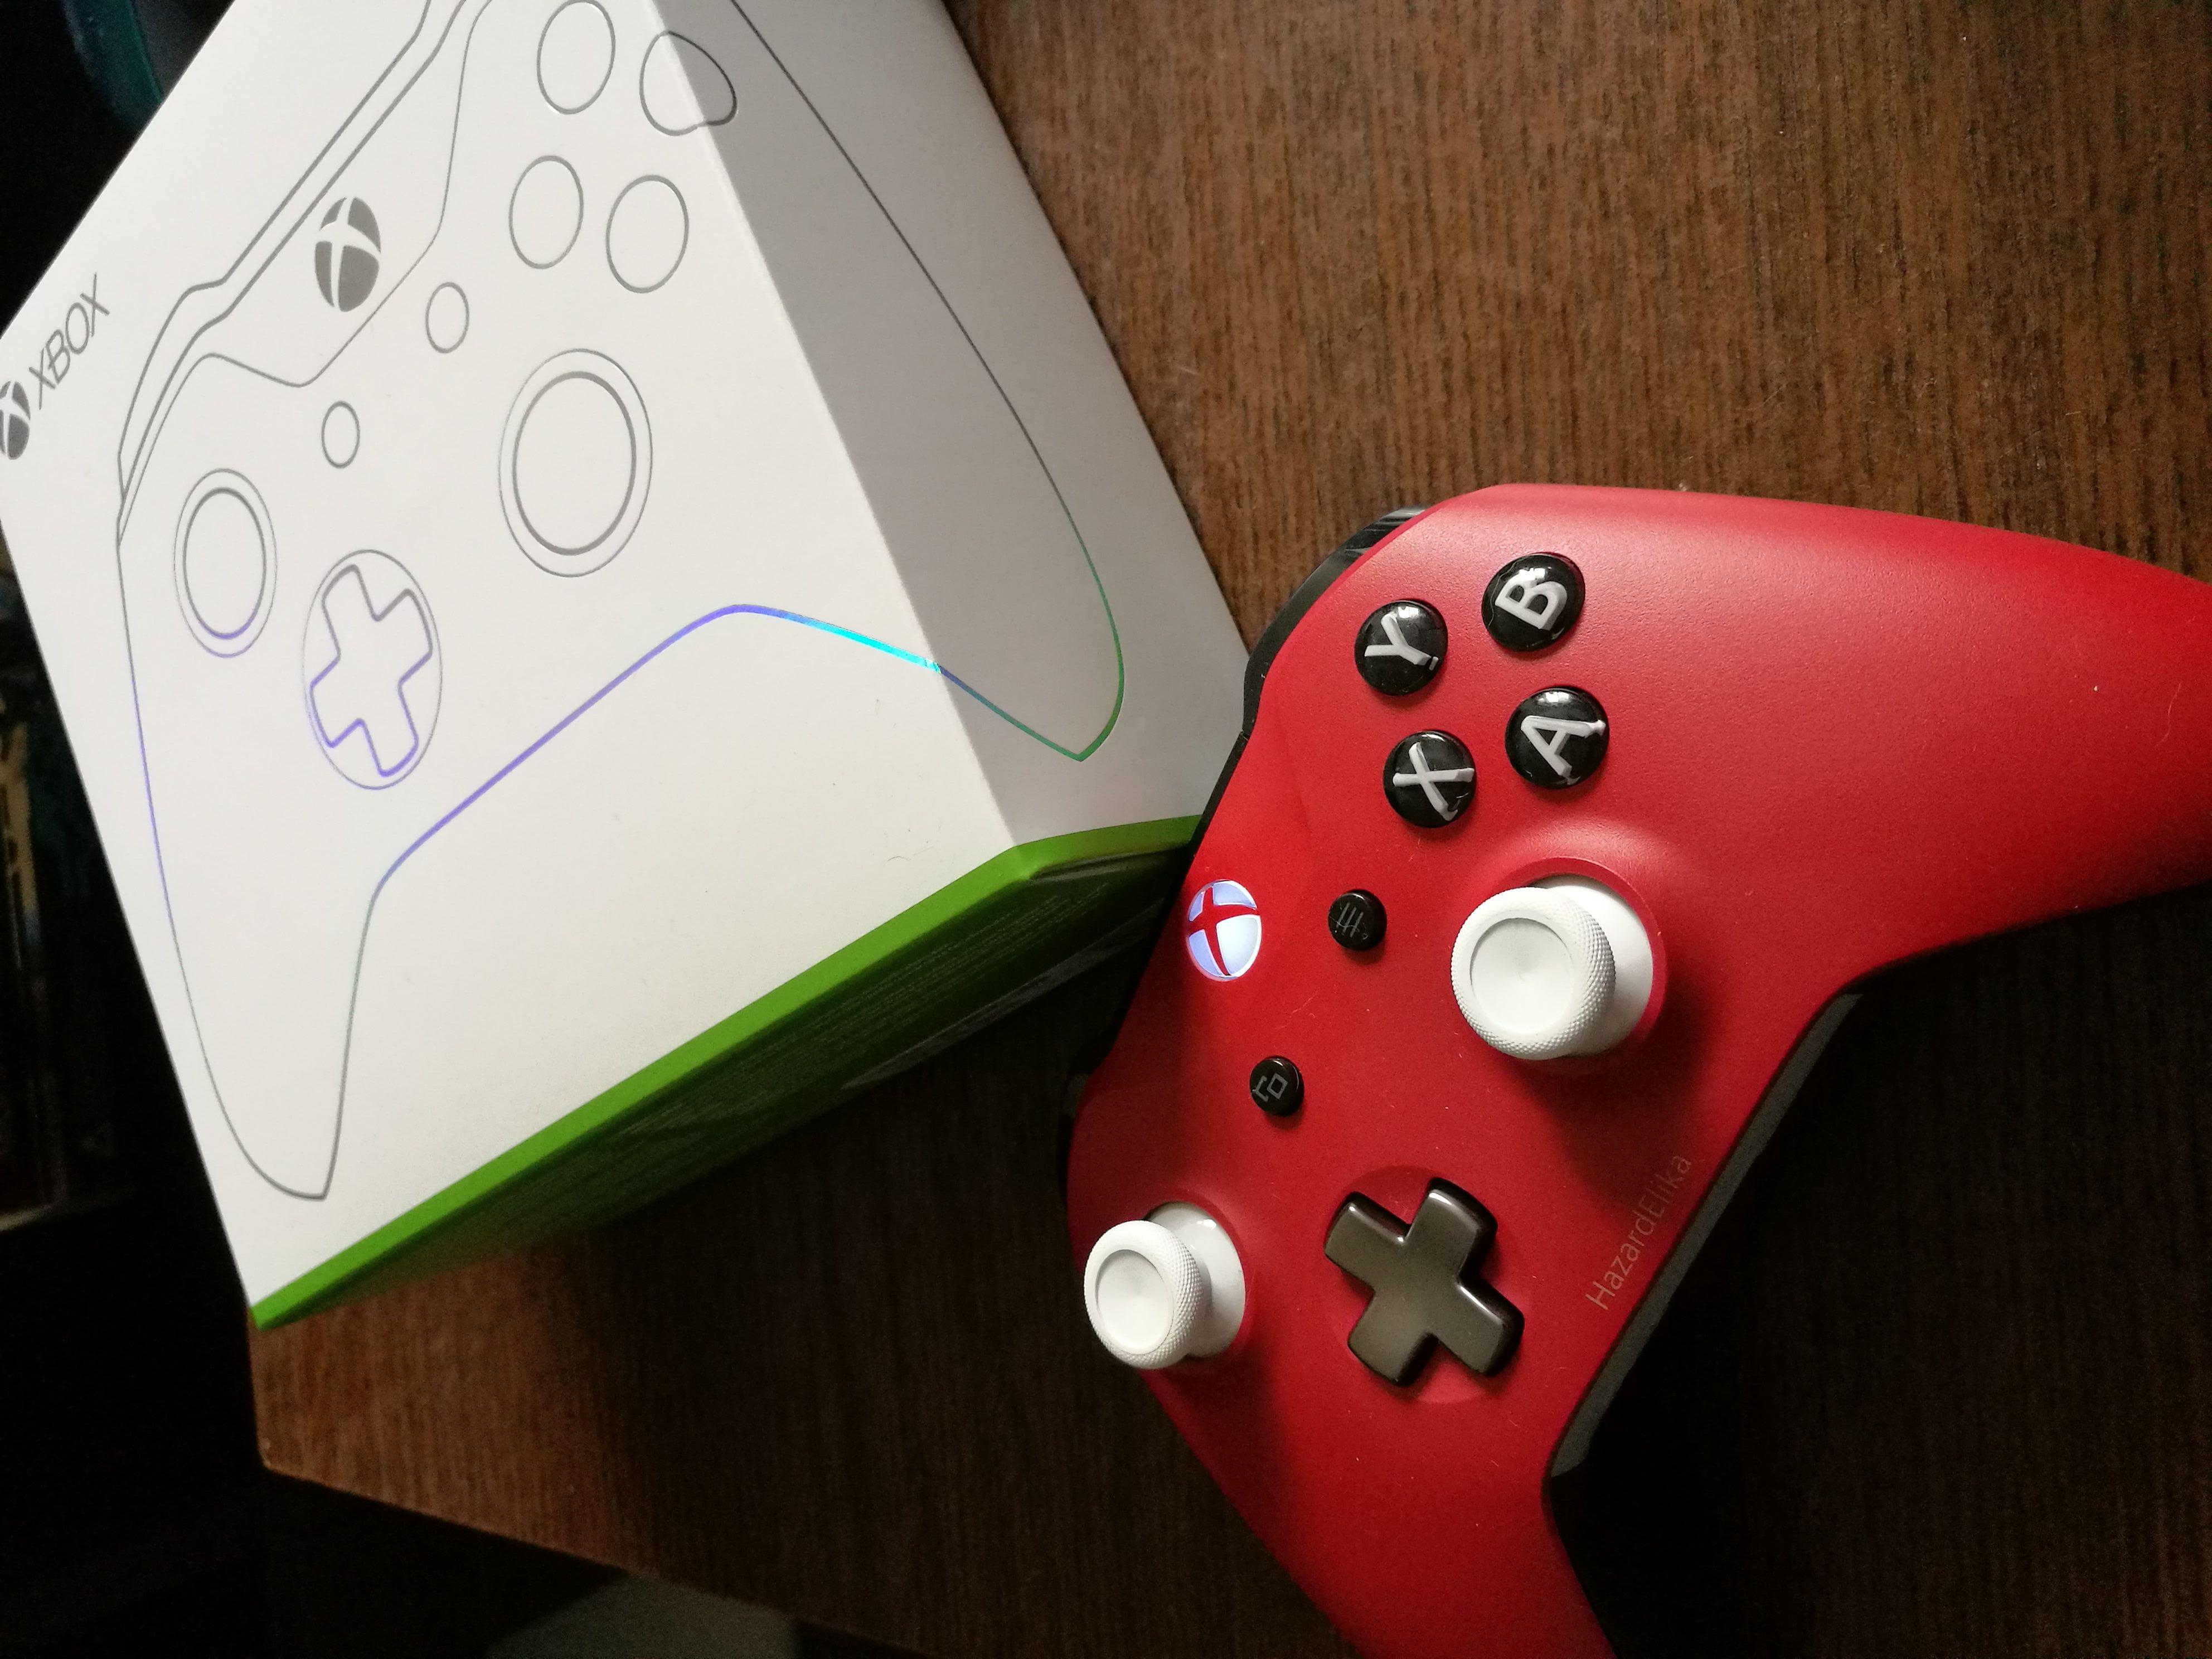 Fin de partie pour la Xbox One ?